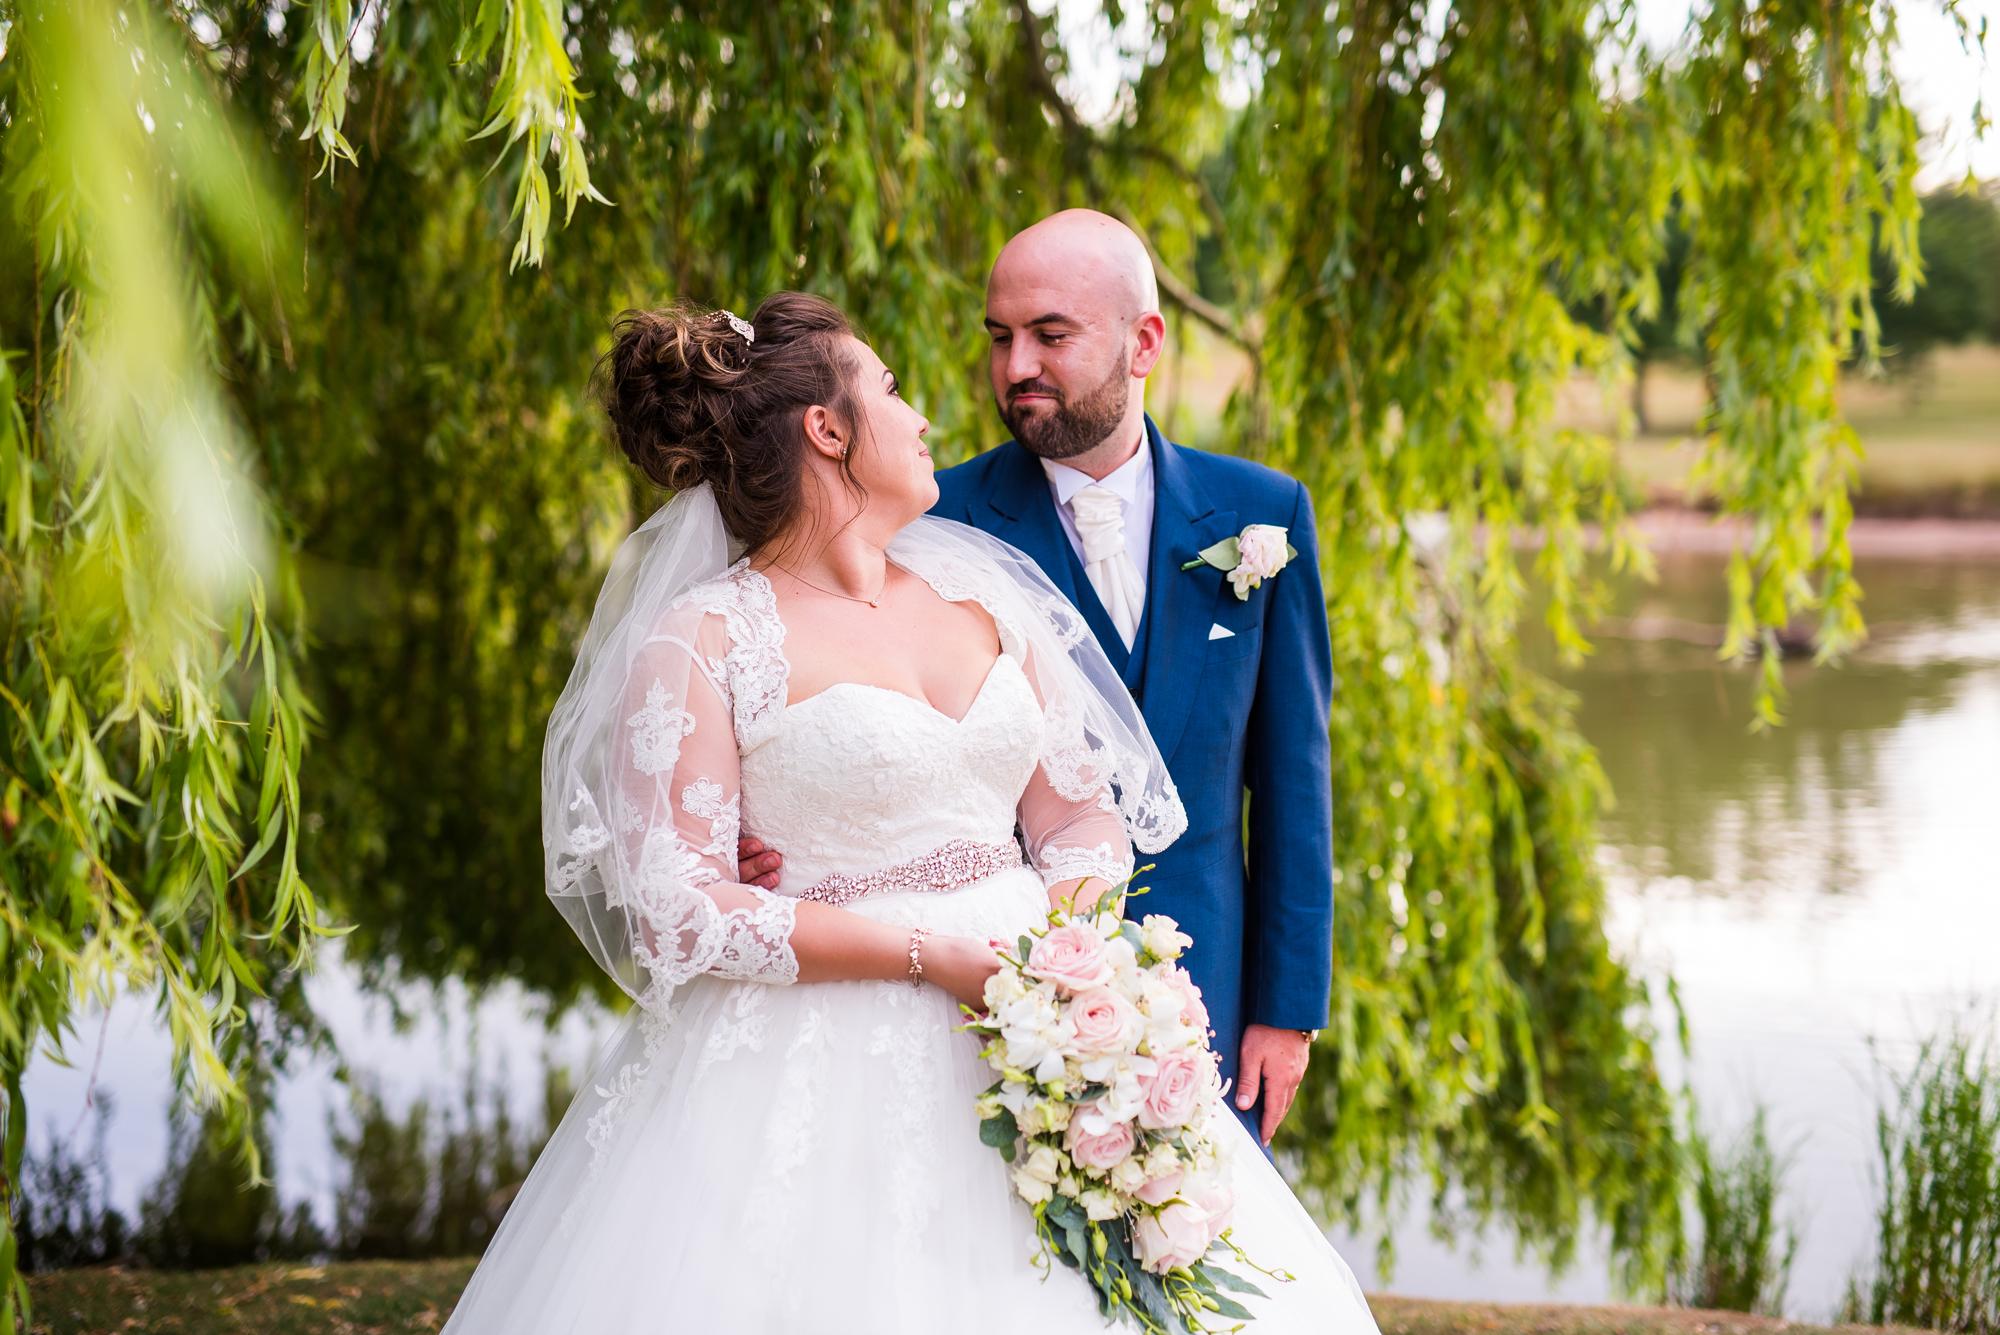 Roise and John wedding photos (331 of 383).jpg